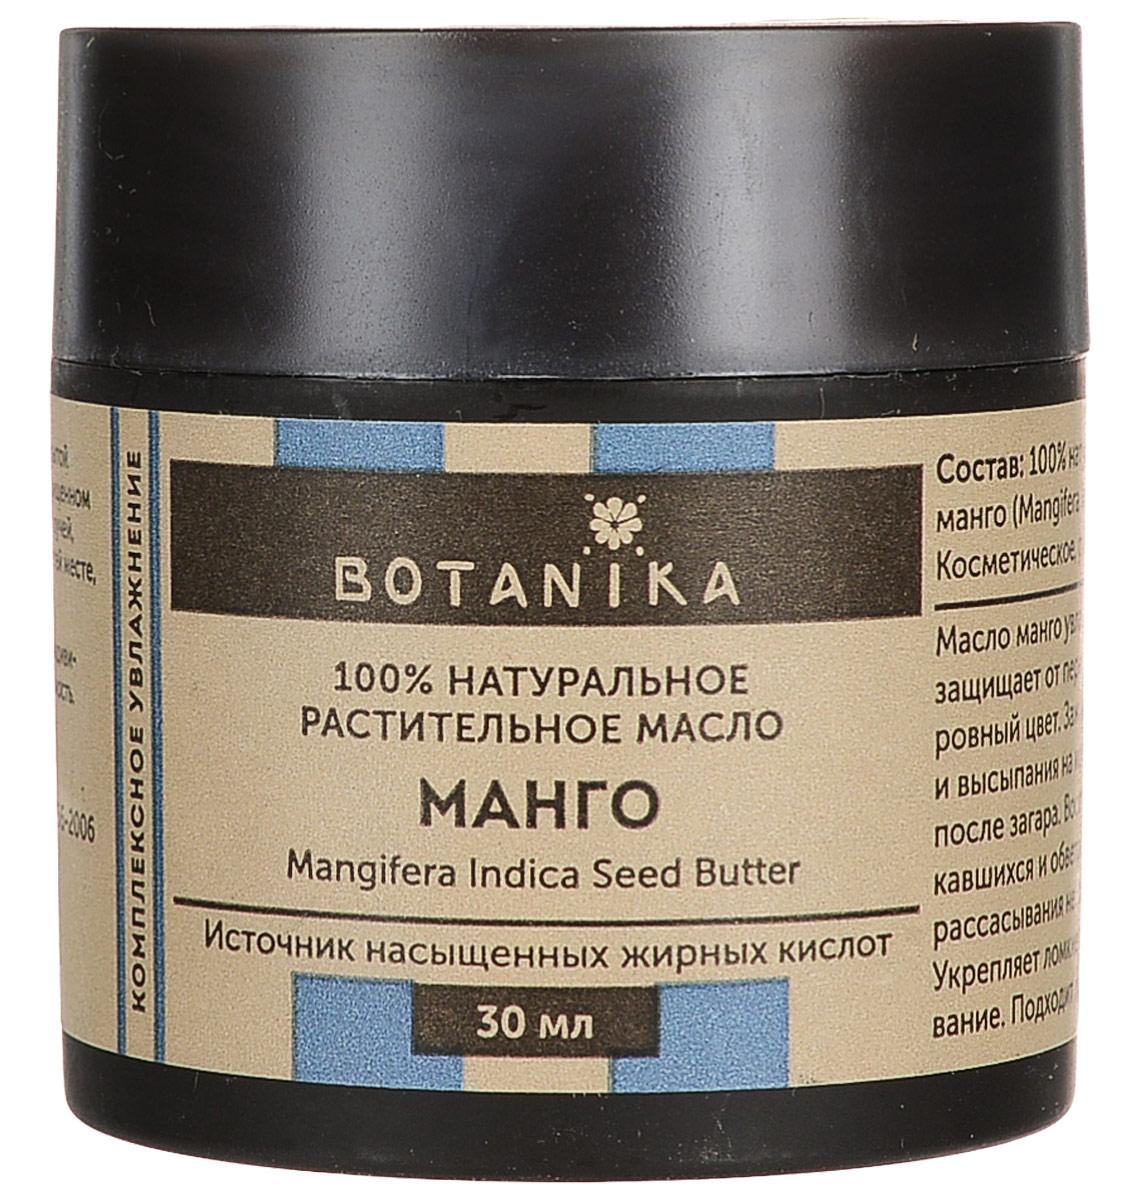 Жирное масло Botanika Манго, для всех типов кожи, 30 млFS-00897Натуральное растительное 100% жирное масло Botanika Манго удивительно по своим косметическим свойствам. Прекрасно подходит для любой кожи в качестве ее увлажнения, питания и защиты, а также восстановления. Активные вещества масла манго возвращают ей способность удерживать влагу, обеспечивают интенсивное увлажнение в течение дня. Кожа становится мягкой и бархатистой, ее эластичность повышается. Обладает хорошими регенерирующими и восстанавливающими свойствами. Прекрасно заживляет различные изъязвления кожи, трещинки на губах и в уголках рта, растрескавшуюся кожу рук и тела, устраняет шелушение. Способствует исчезновению небольших шрамов, пятен, оставшихся после различных кожных образований. Характеристики:Объем: 30 мл. Производитель: Россия. Товар сертифицирован.